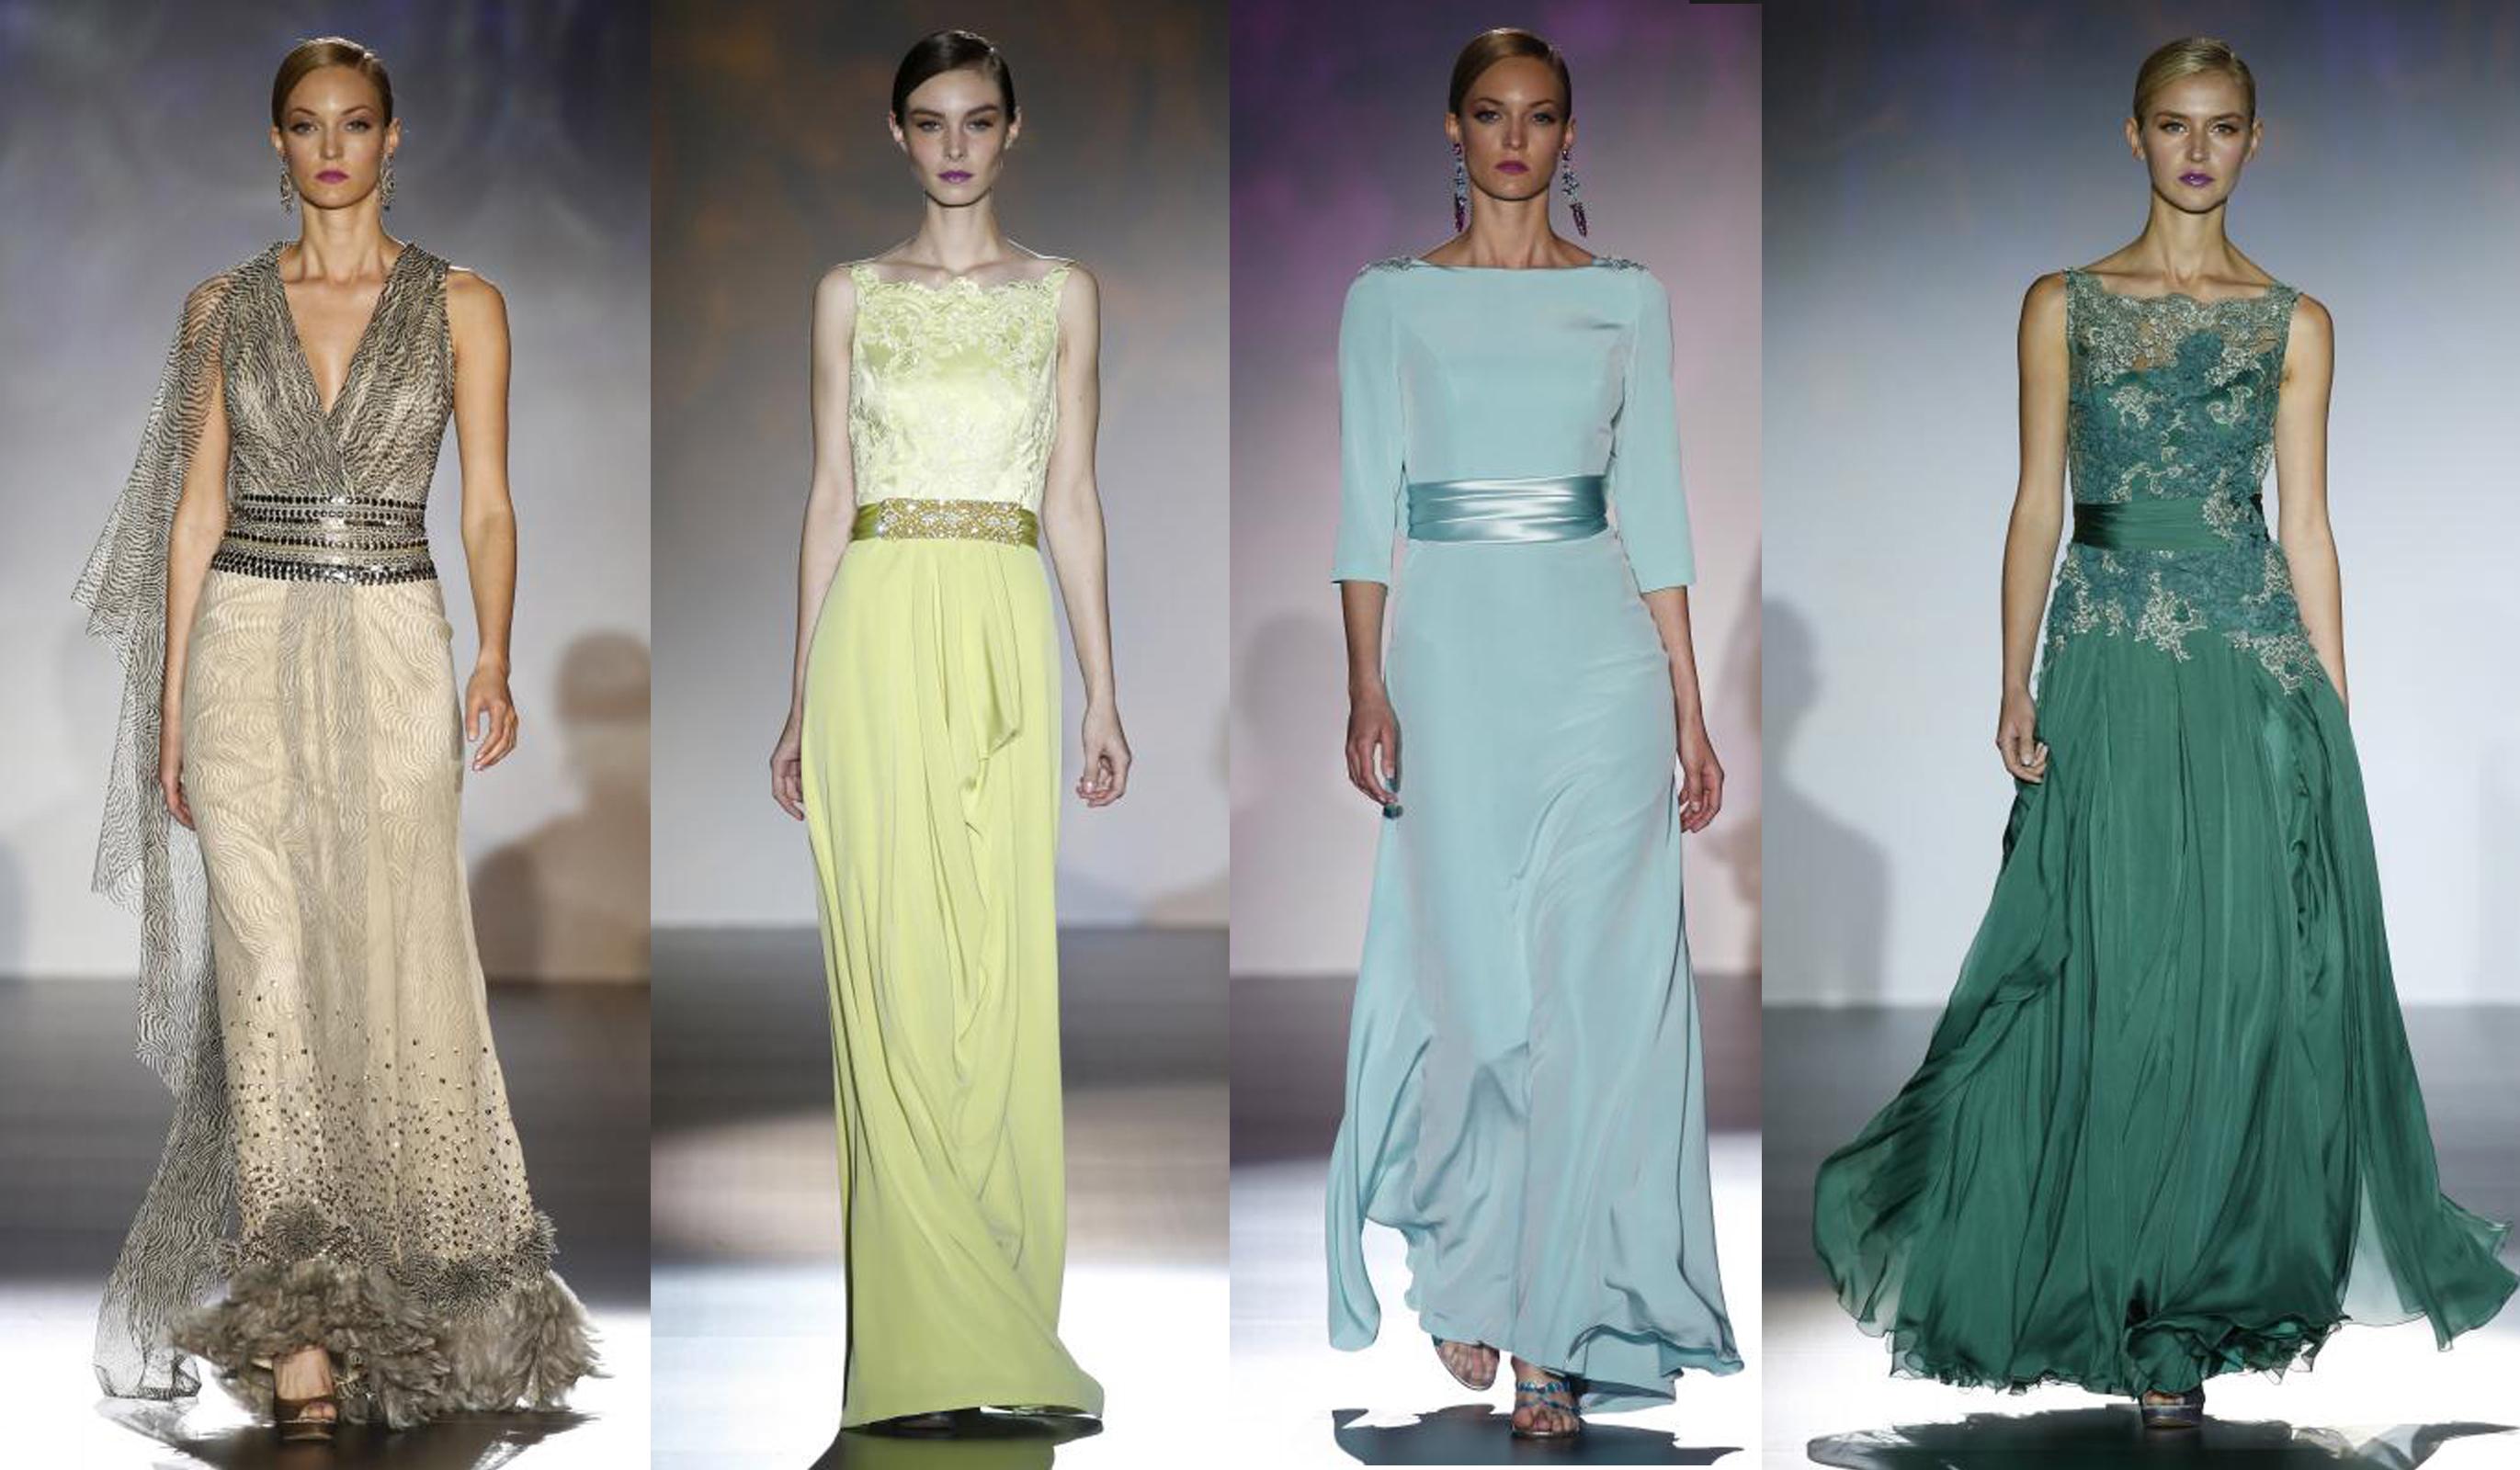 Vestidos de boda moda 2016 – Moda Española moderna 2018